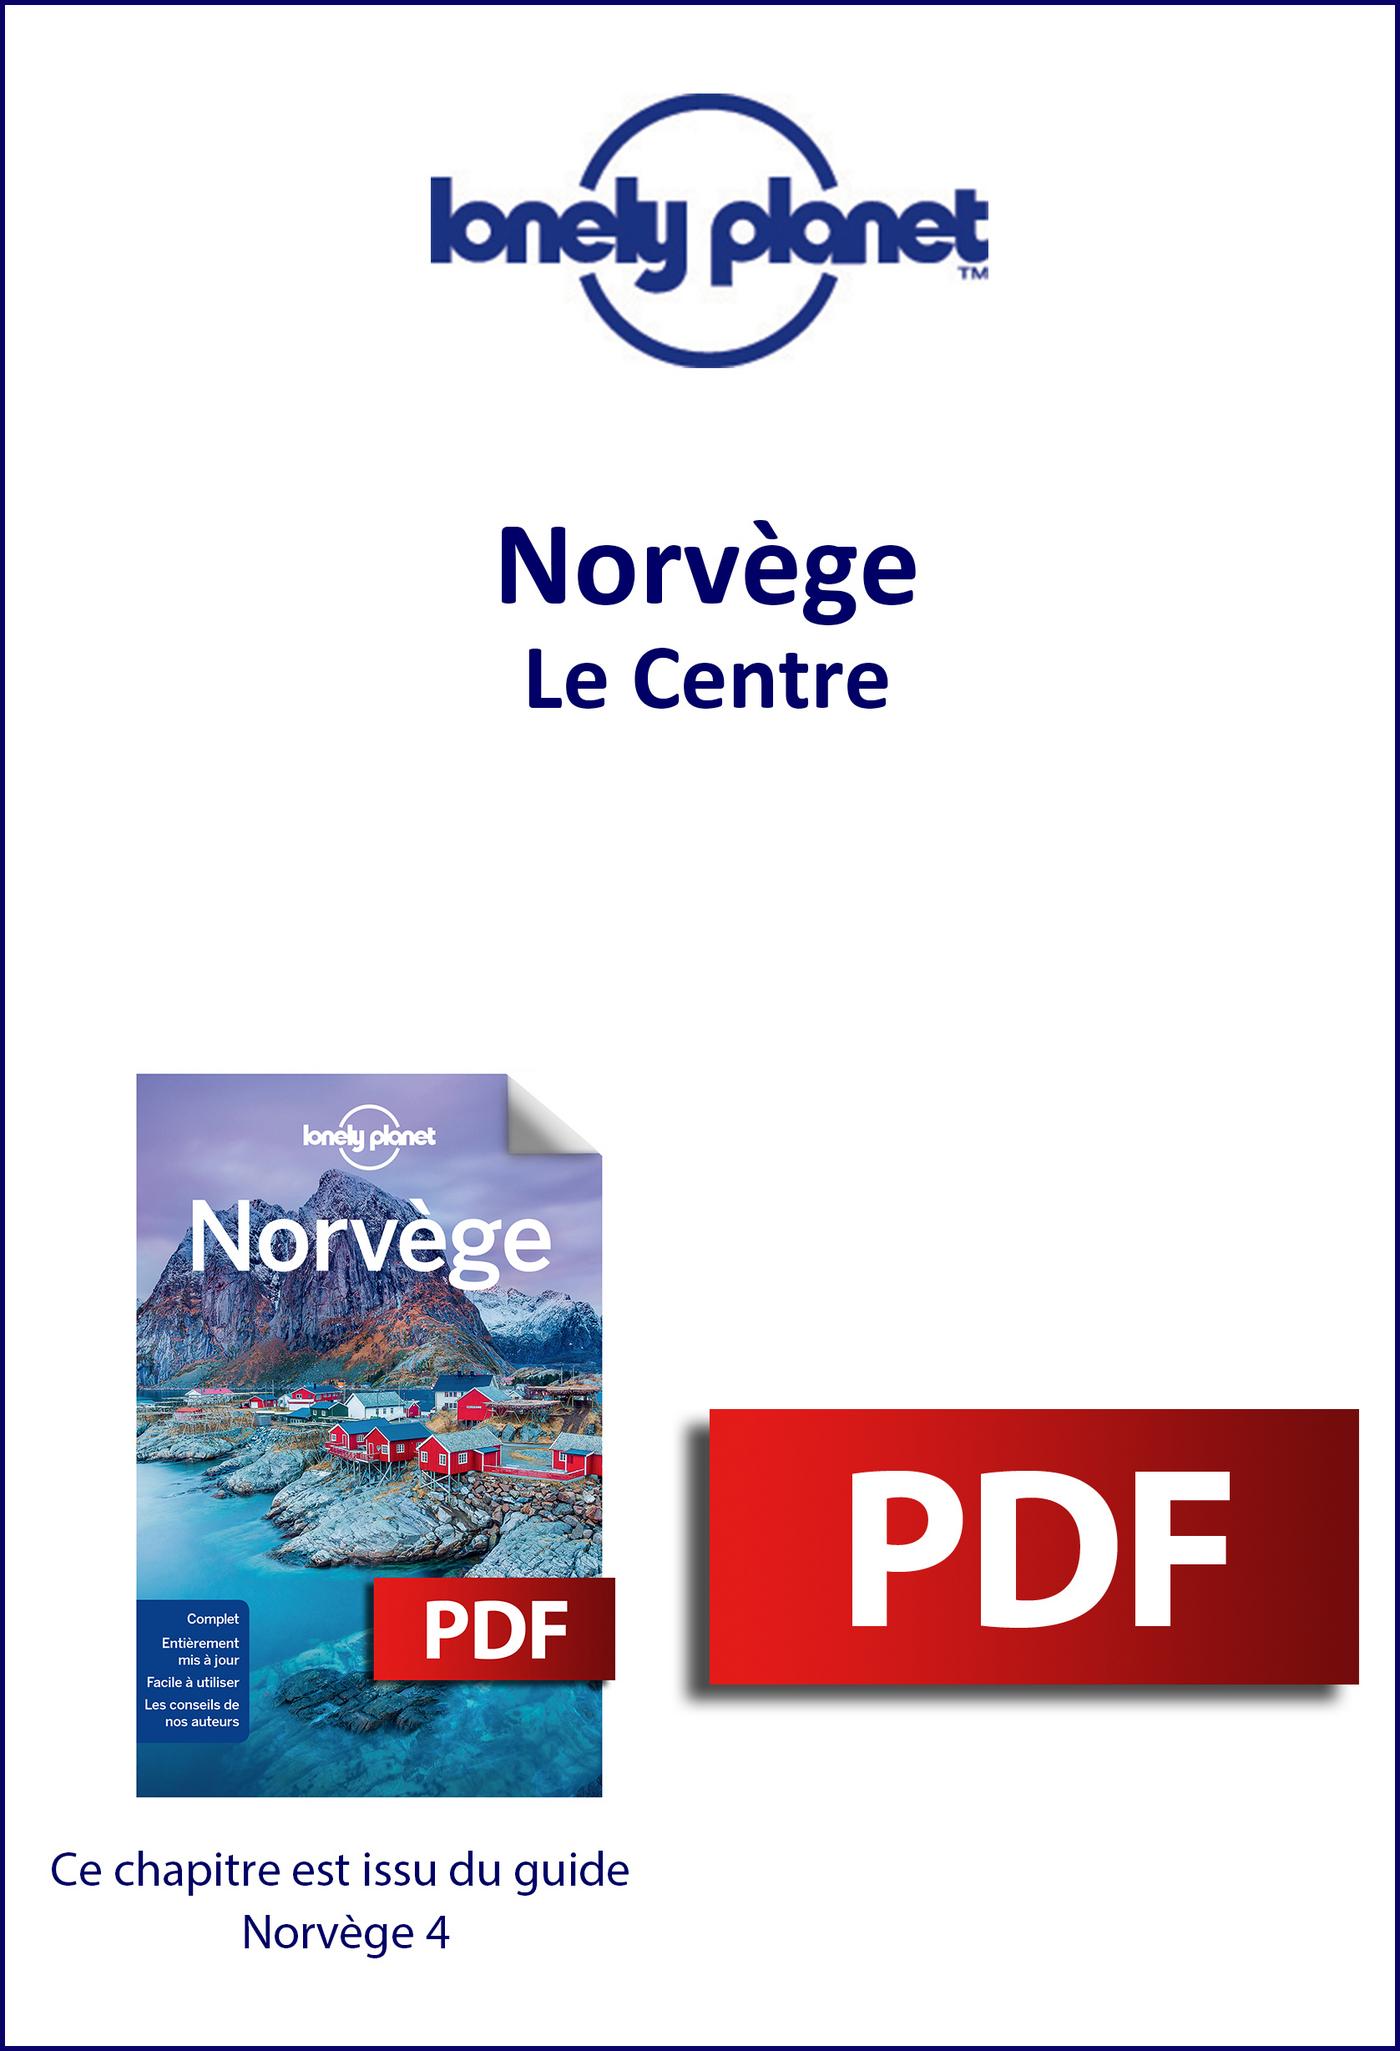 Norvège - Le Centre